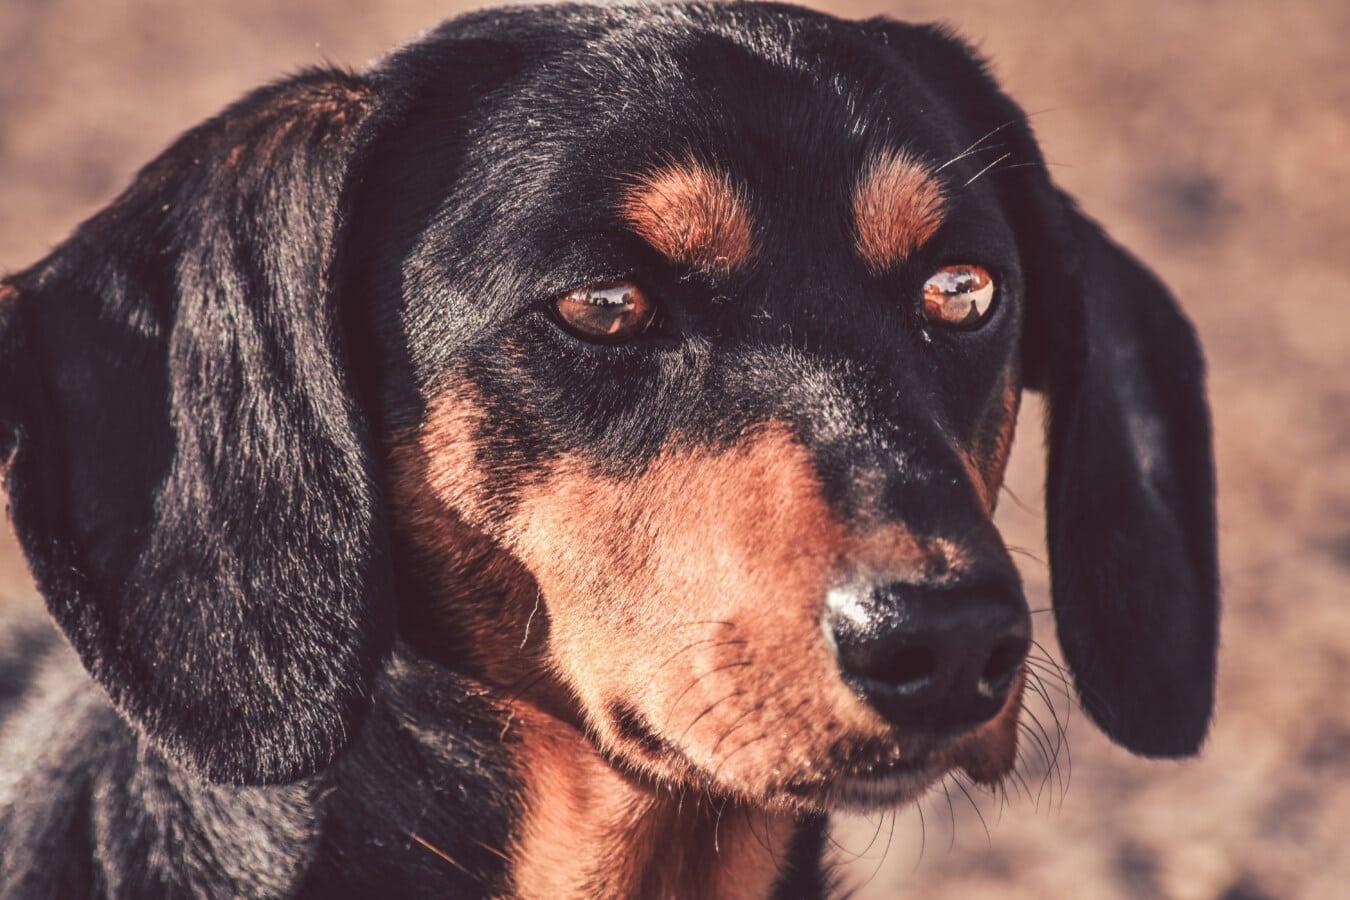 teckel, tête, portrait, de race, chien, nez, yeux, animal de compagnie, animal, mignon